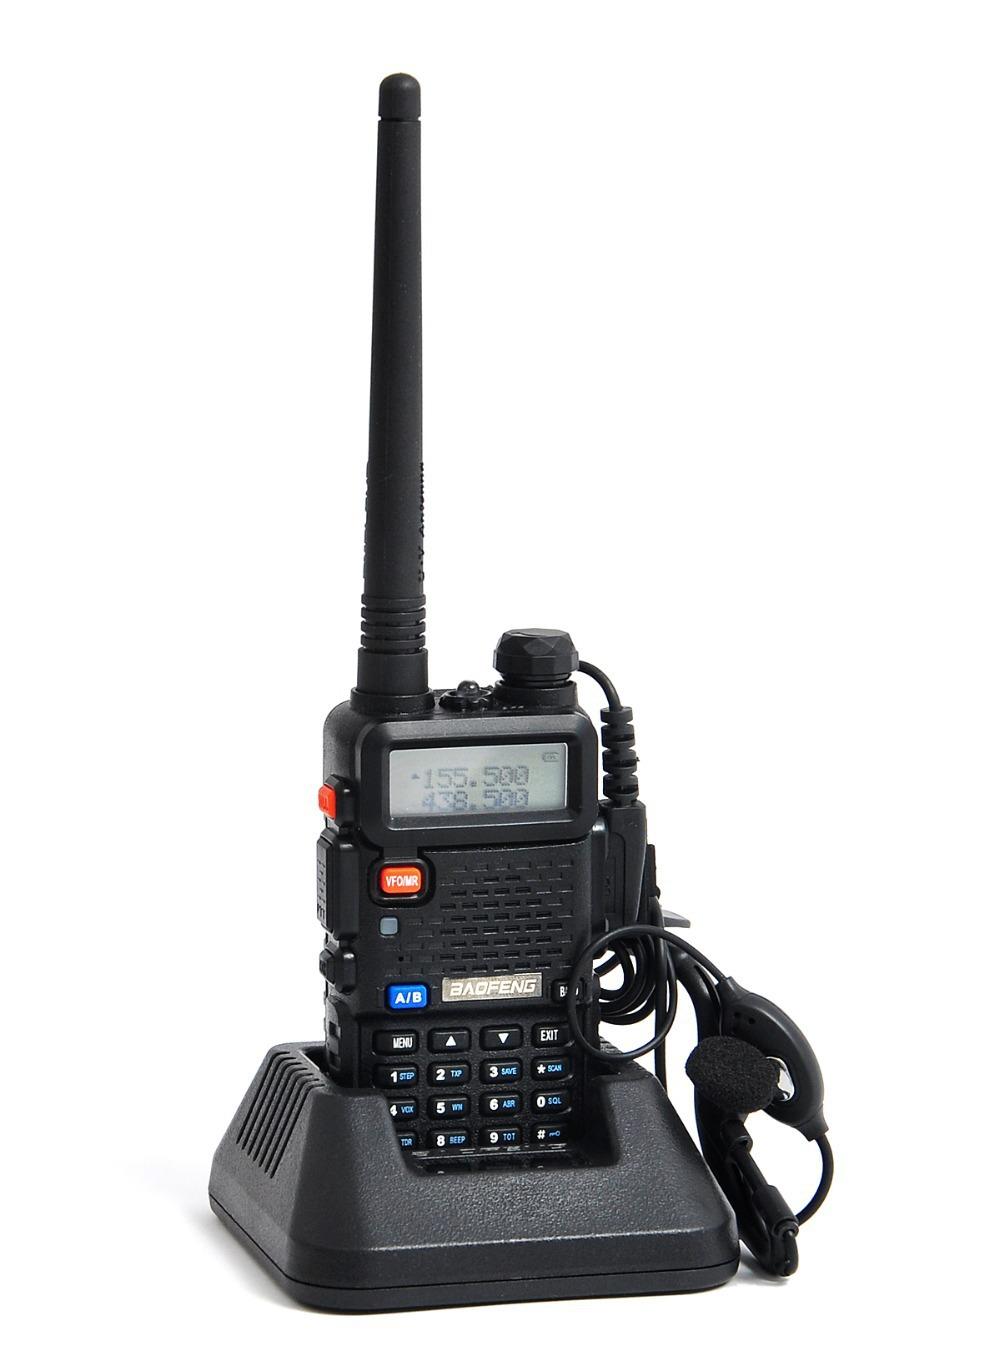 New BaoFeng UV-5R Portable Radio UV 5R Walkie Talkie 5W Dual Band VHF&UHF 136-174Mhz & 400-520Mhz Two Way Radio UV5R A0850A(China (Mainland))